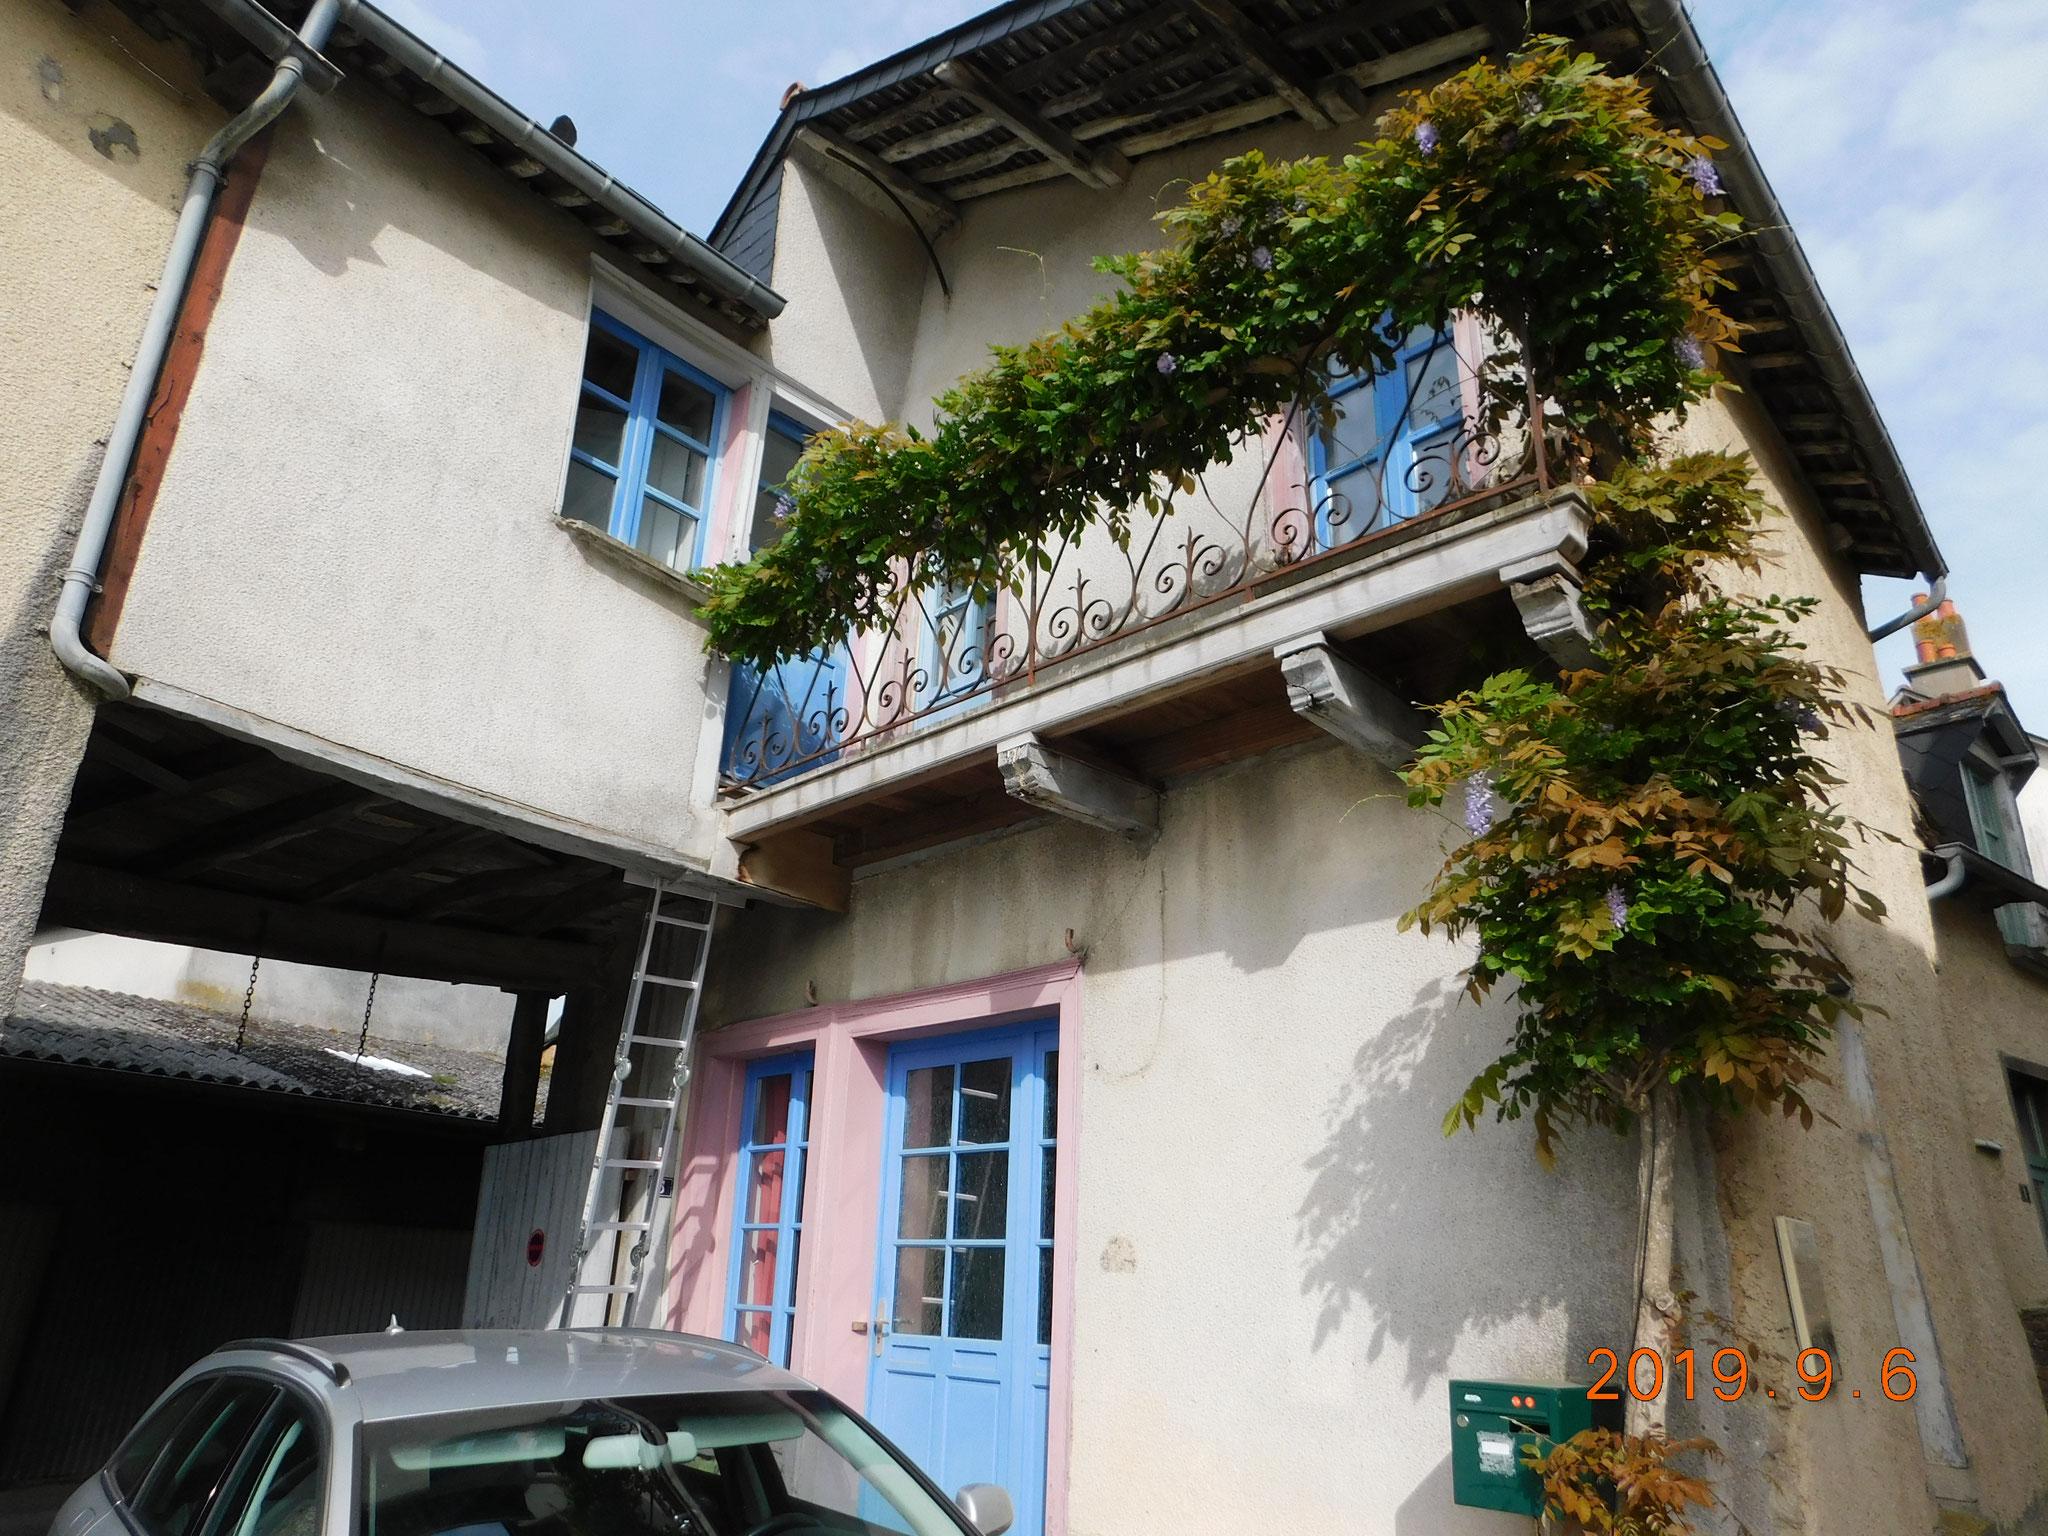 Maison de centre bourg : pierres, colombage ; extension sur porche en bois : expertise structure bois ancienne